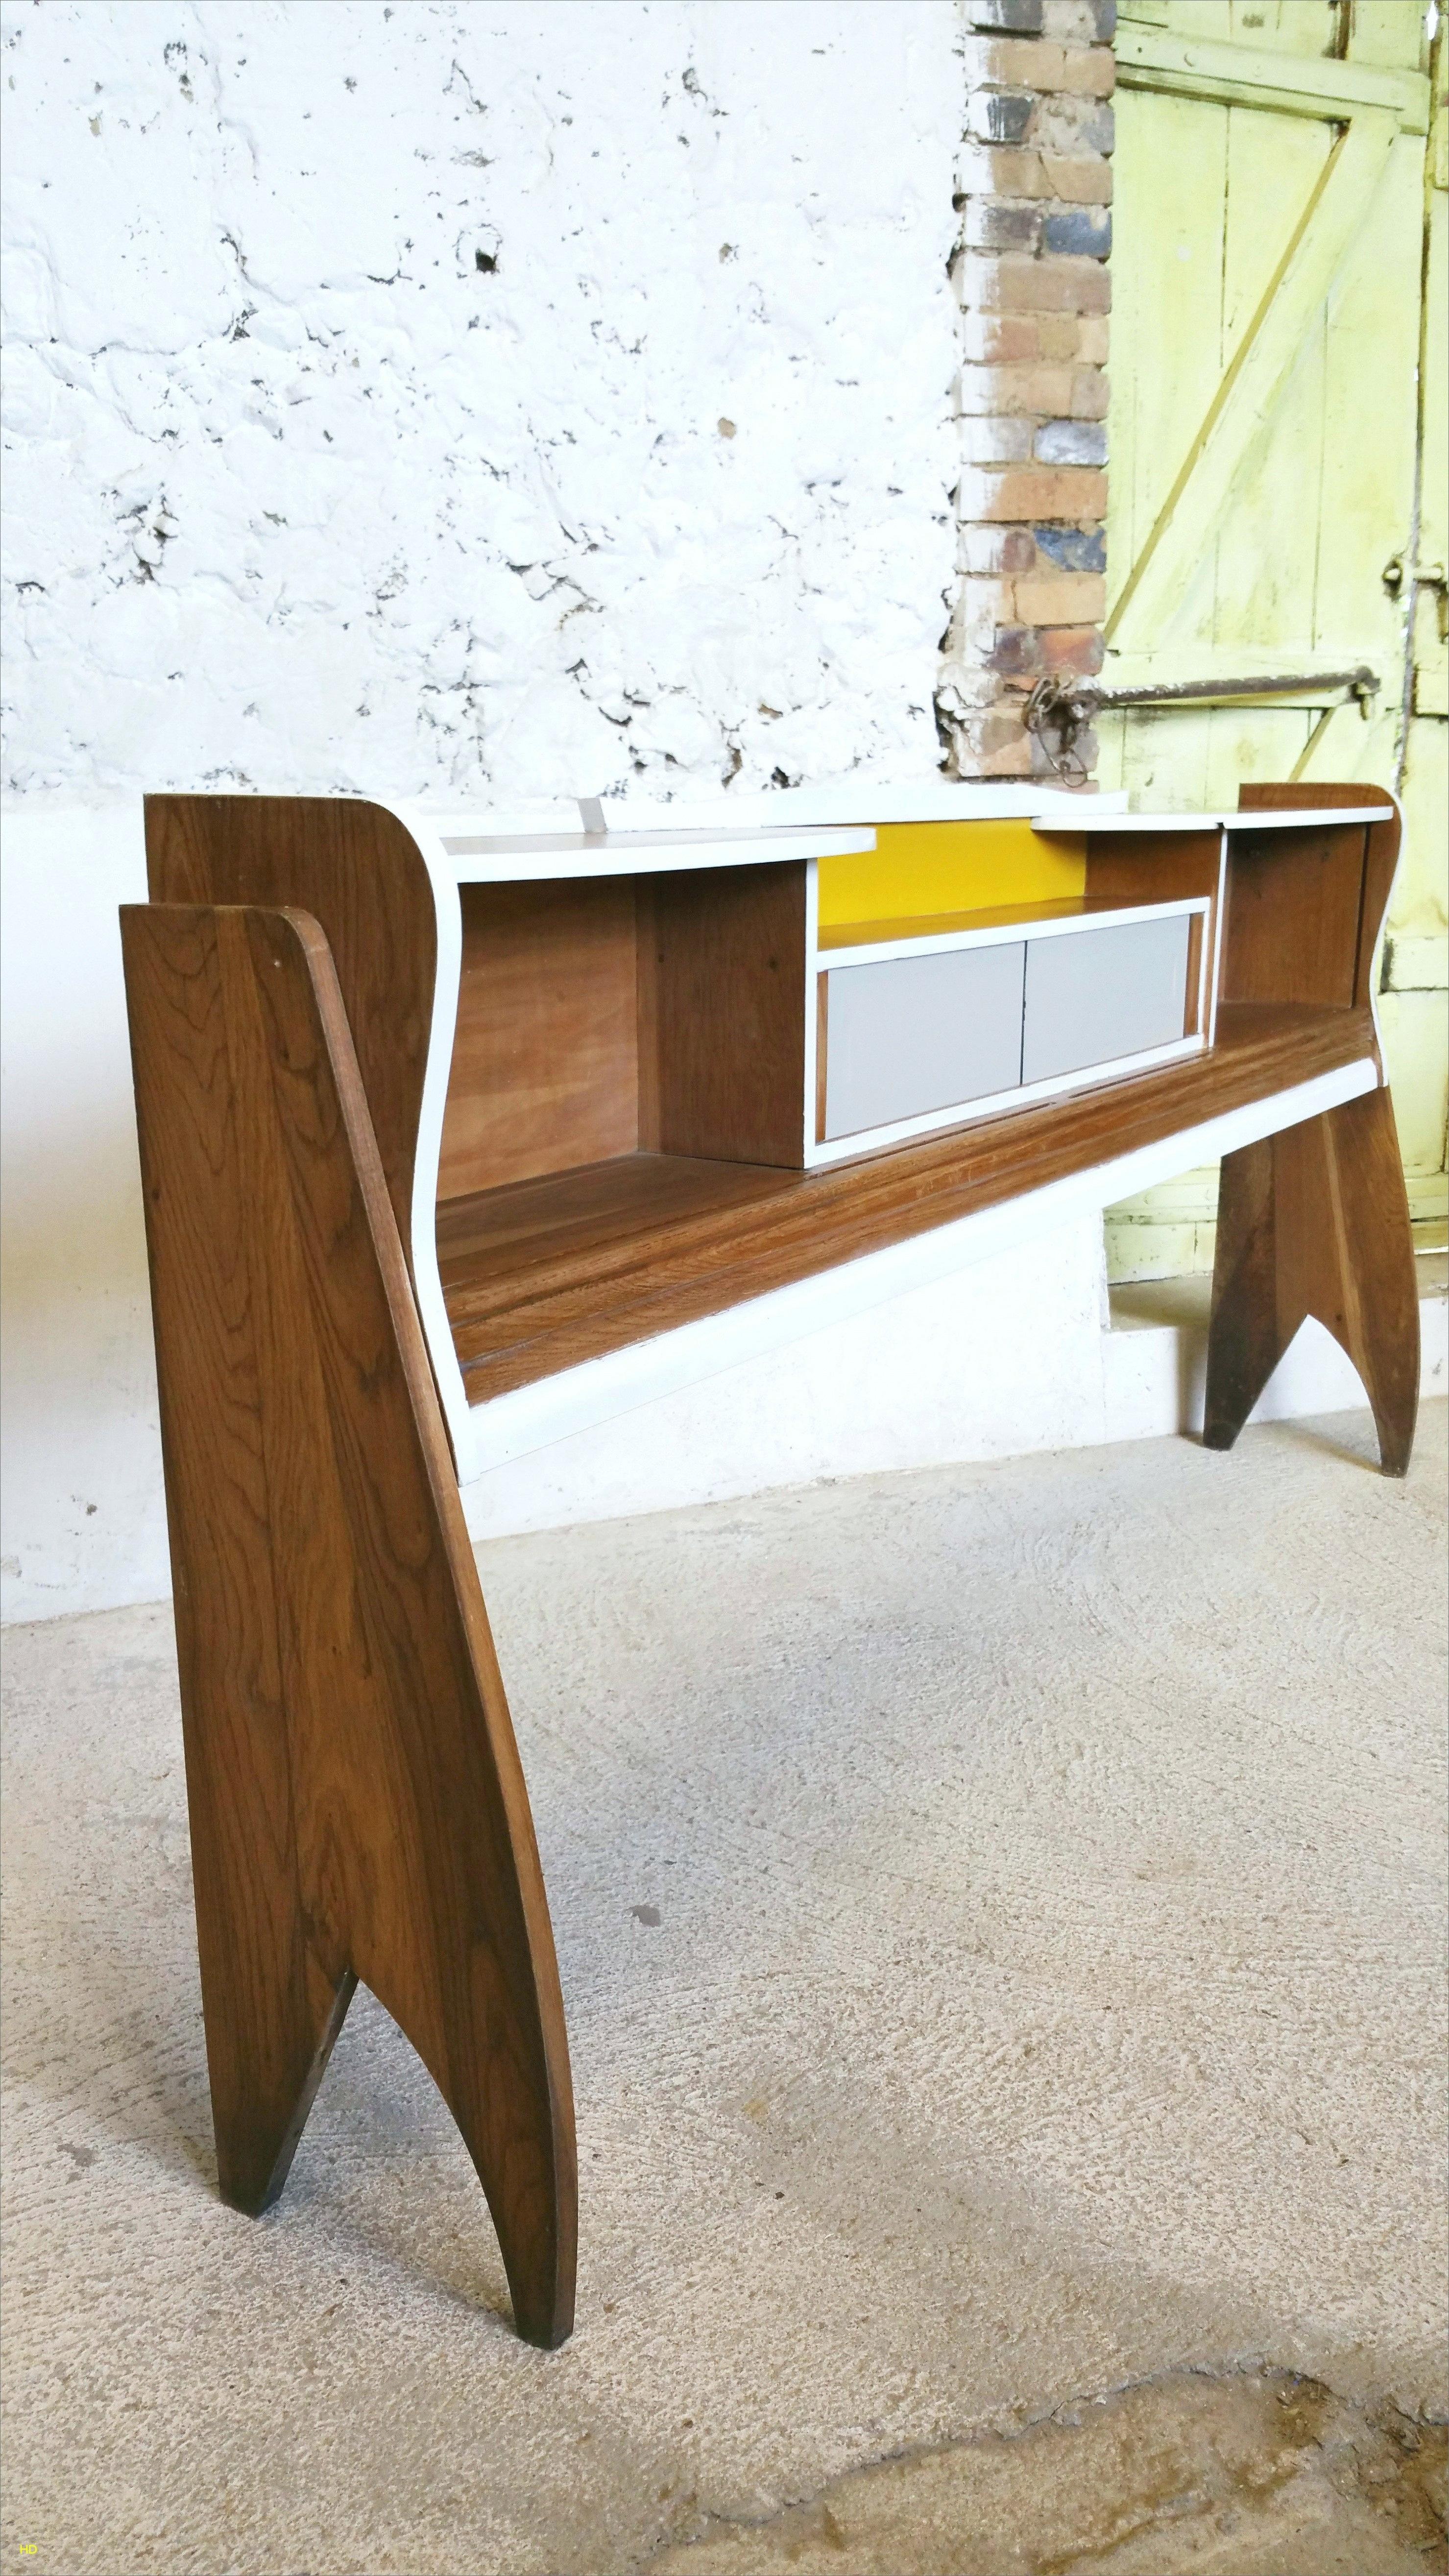 Housse Pour Bz Ikea Luxe Images Housse Pour Tabouret De Bar Unique Ikea Chaise Bar élégant Chaises